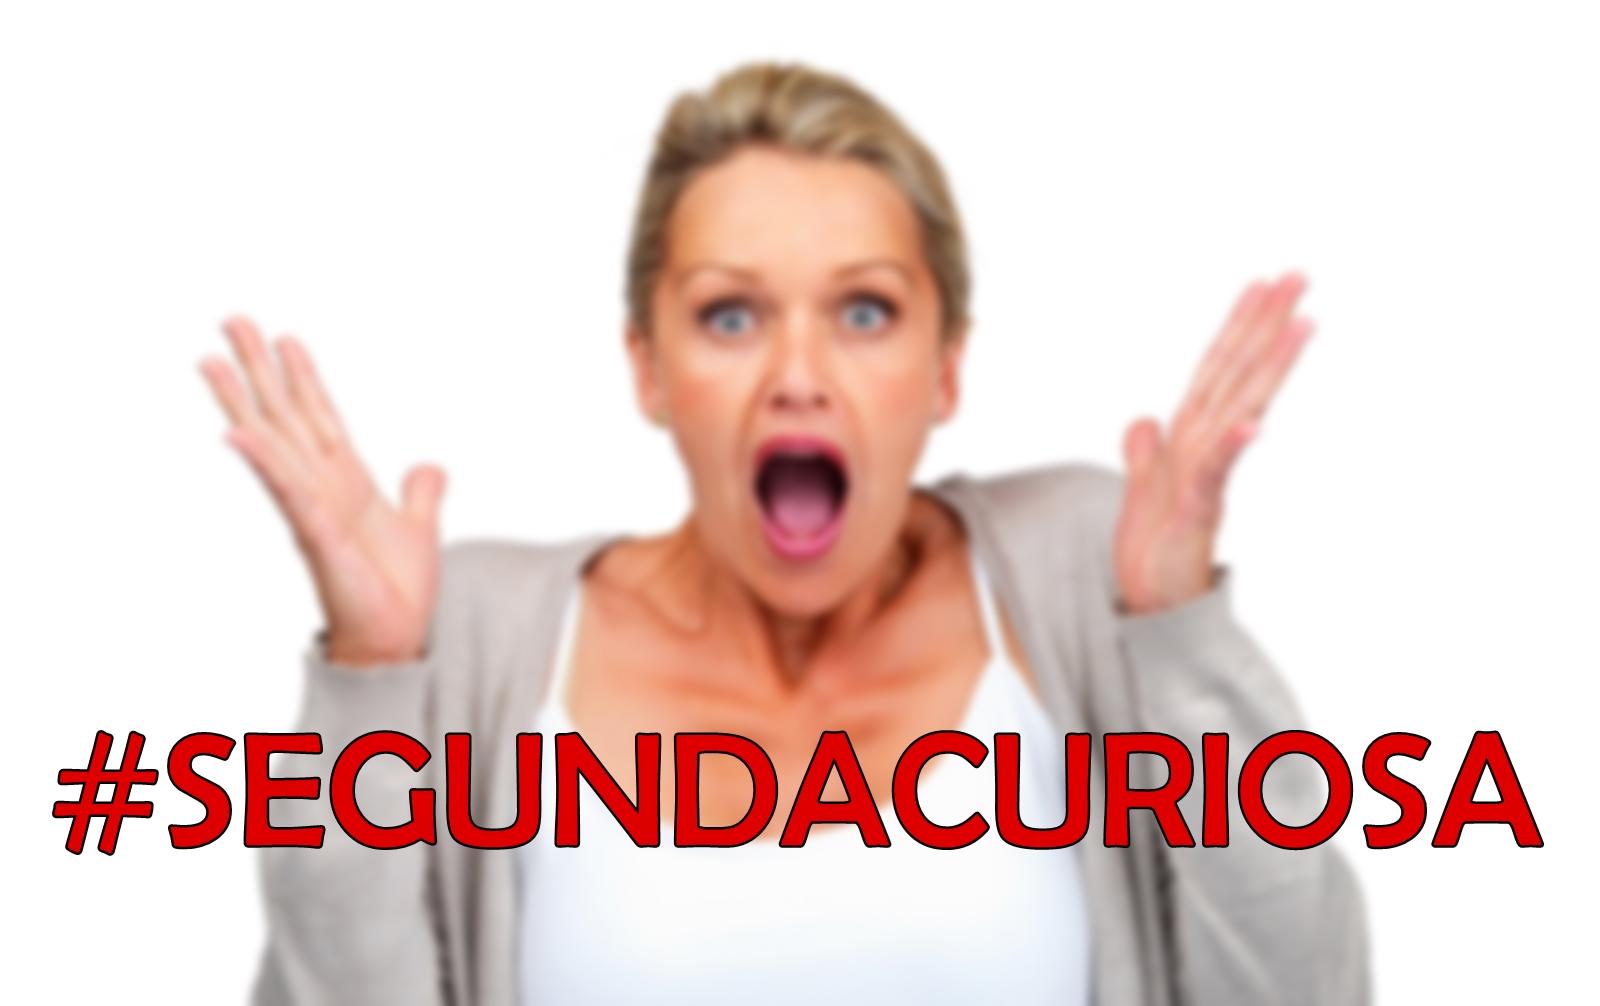 #SegundaCuriosa